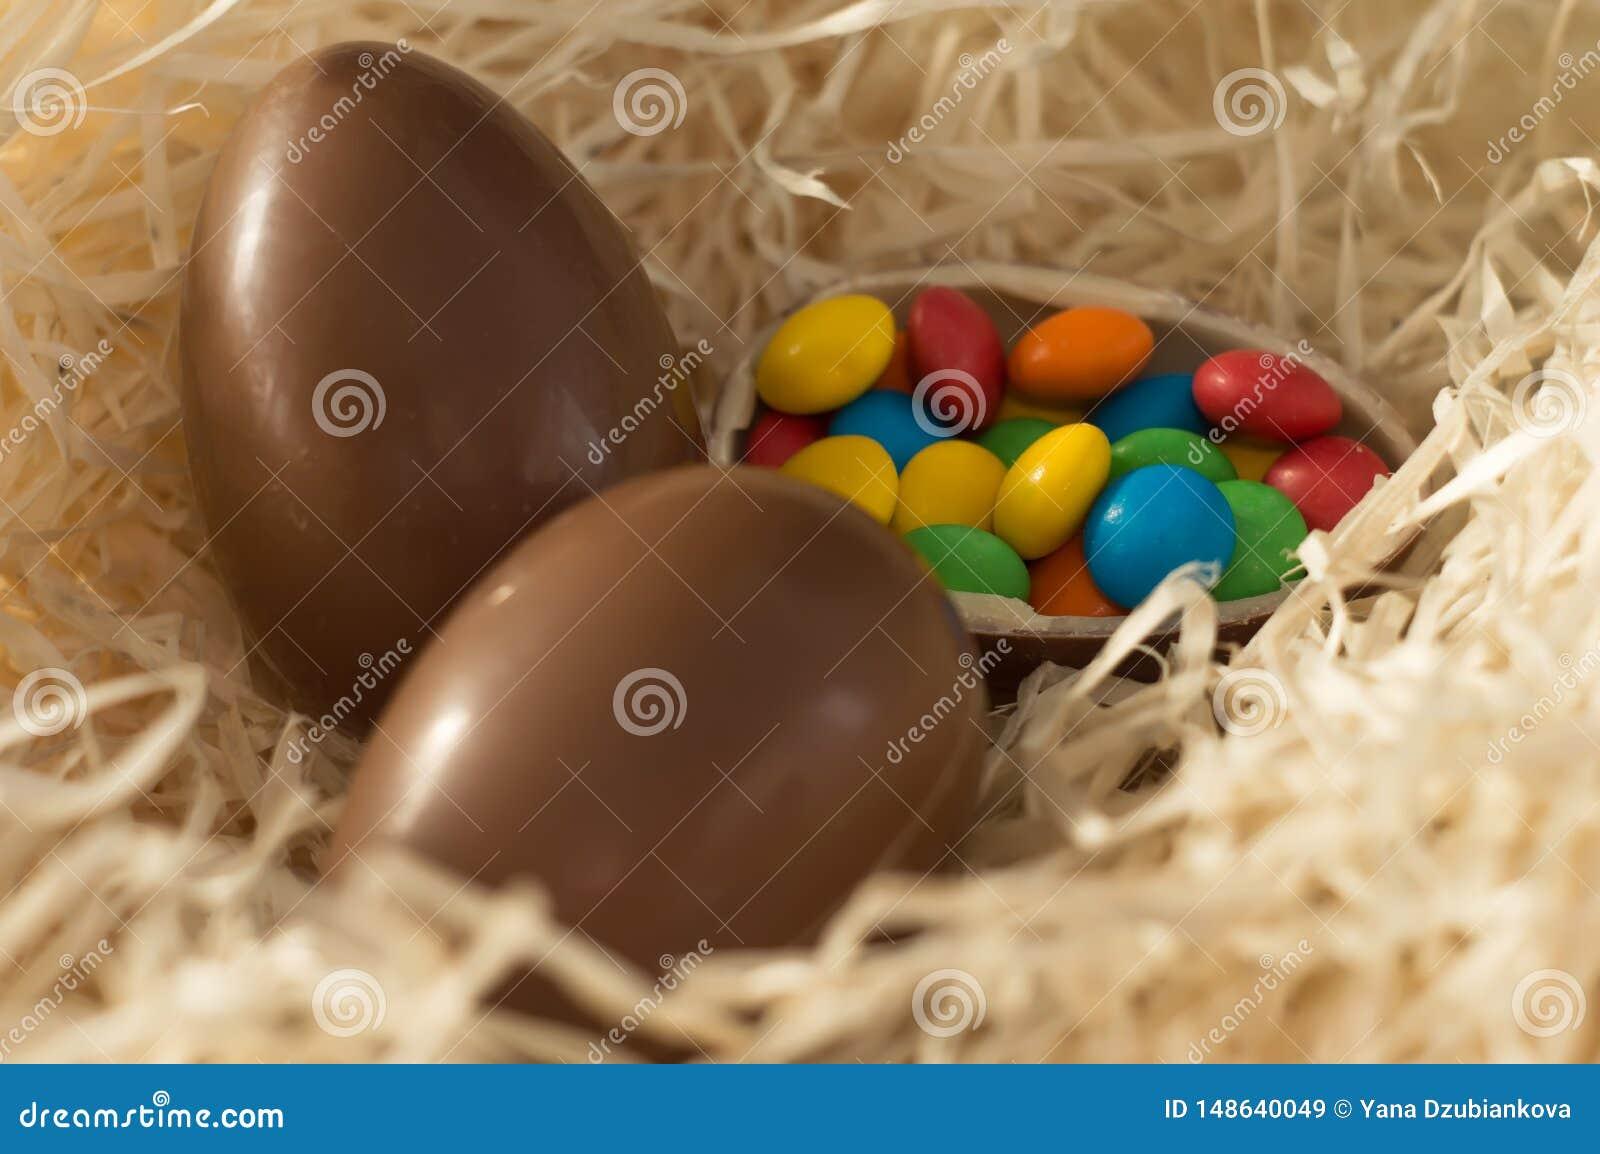 Semana Santa Los huevos de chocolate con los caramelos multicolores mienten en una jerarquía en una tabla blanca de madera